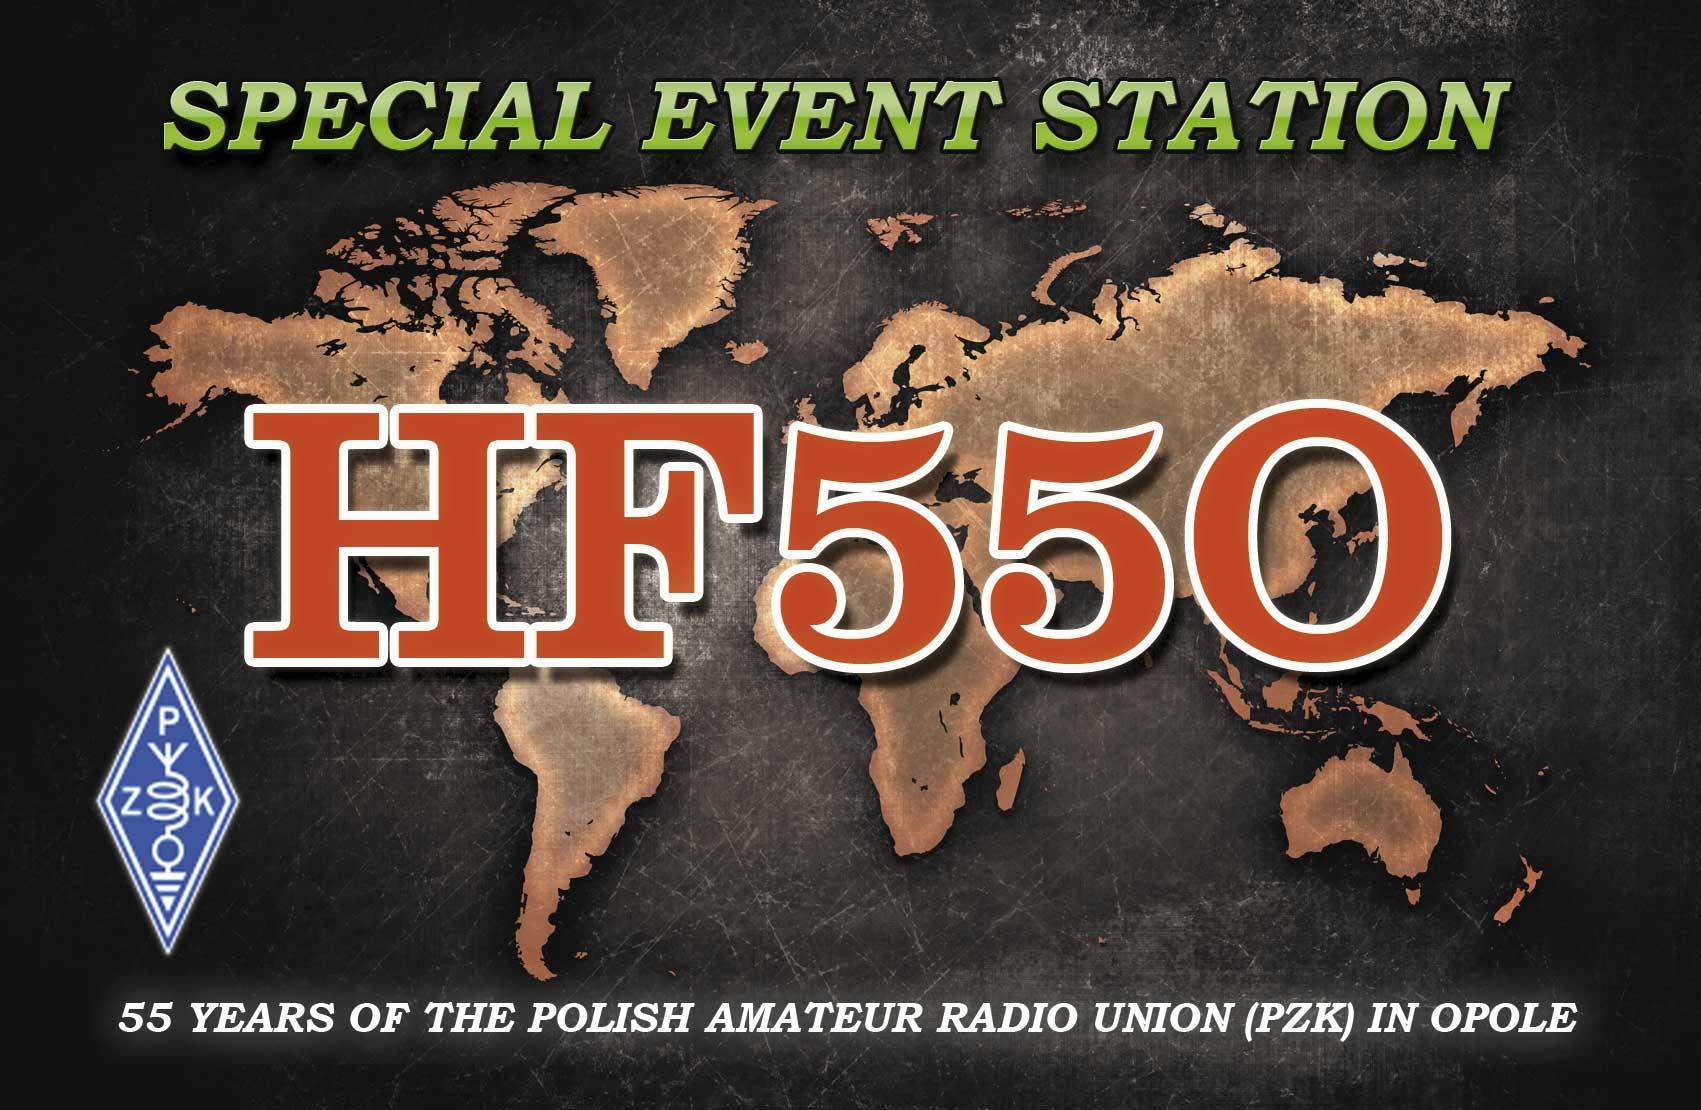 QSL image for HF55O